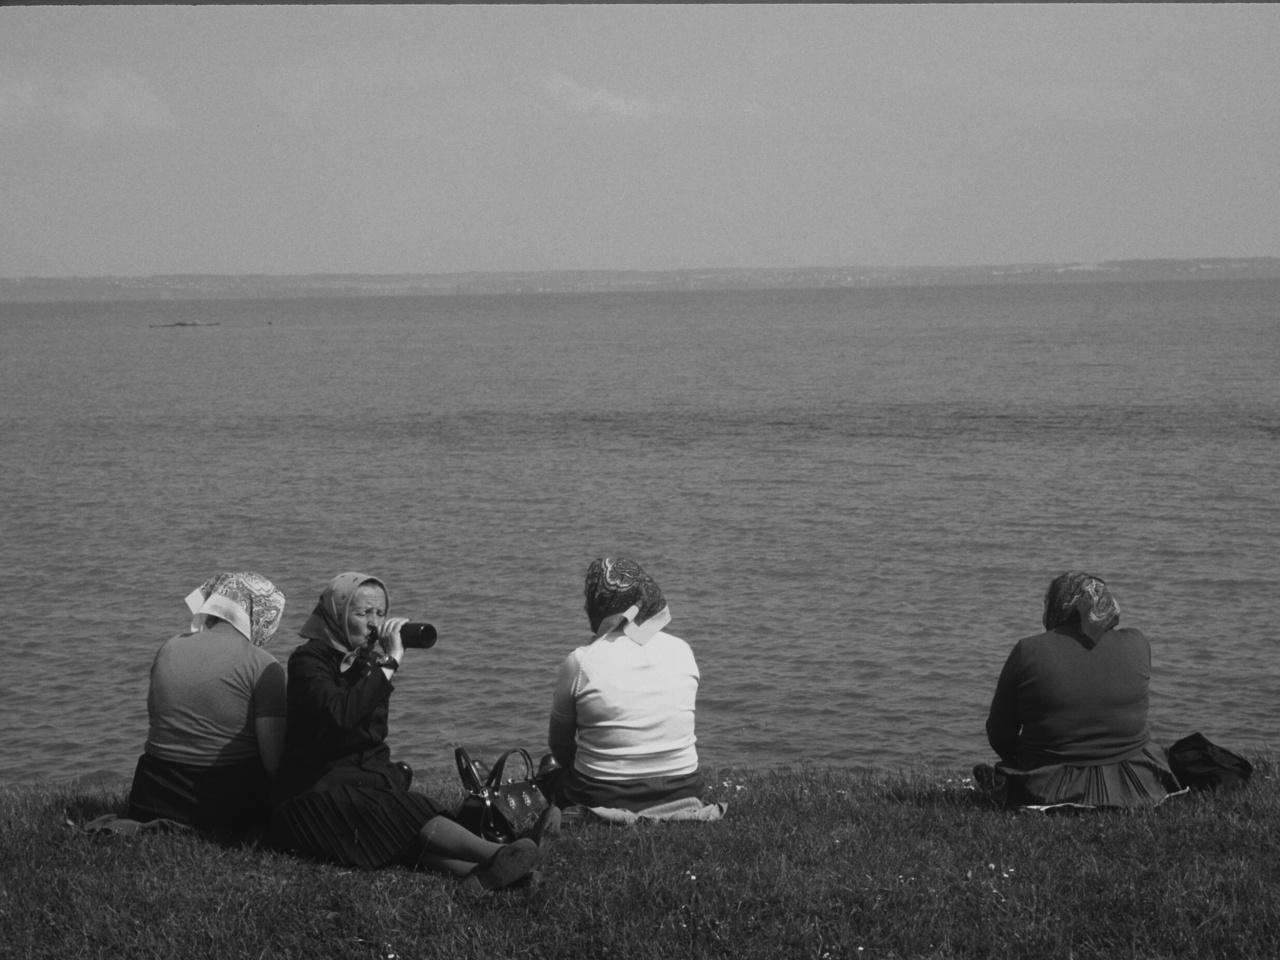 Asszonyok a Balaton partján, termelőszövetkezeti kirándulás, 1964.